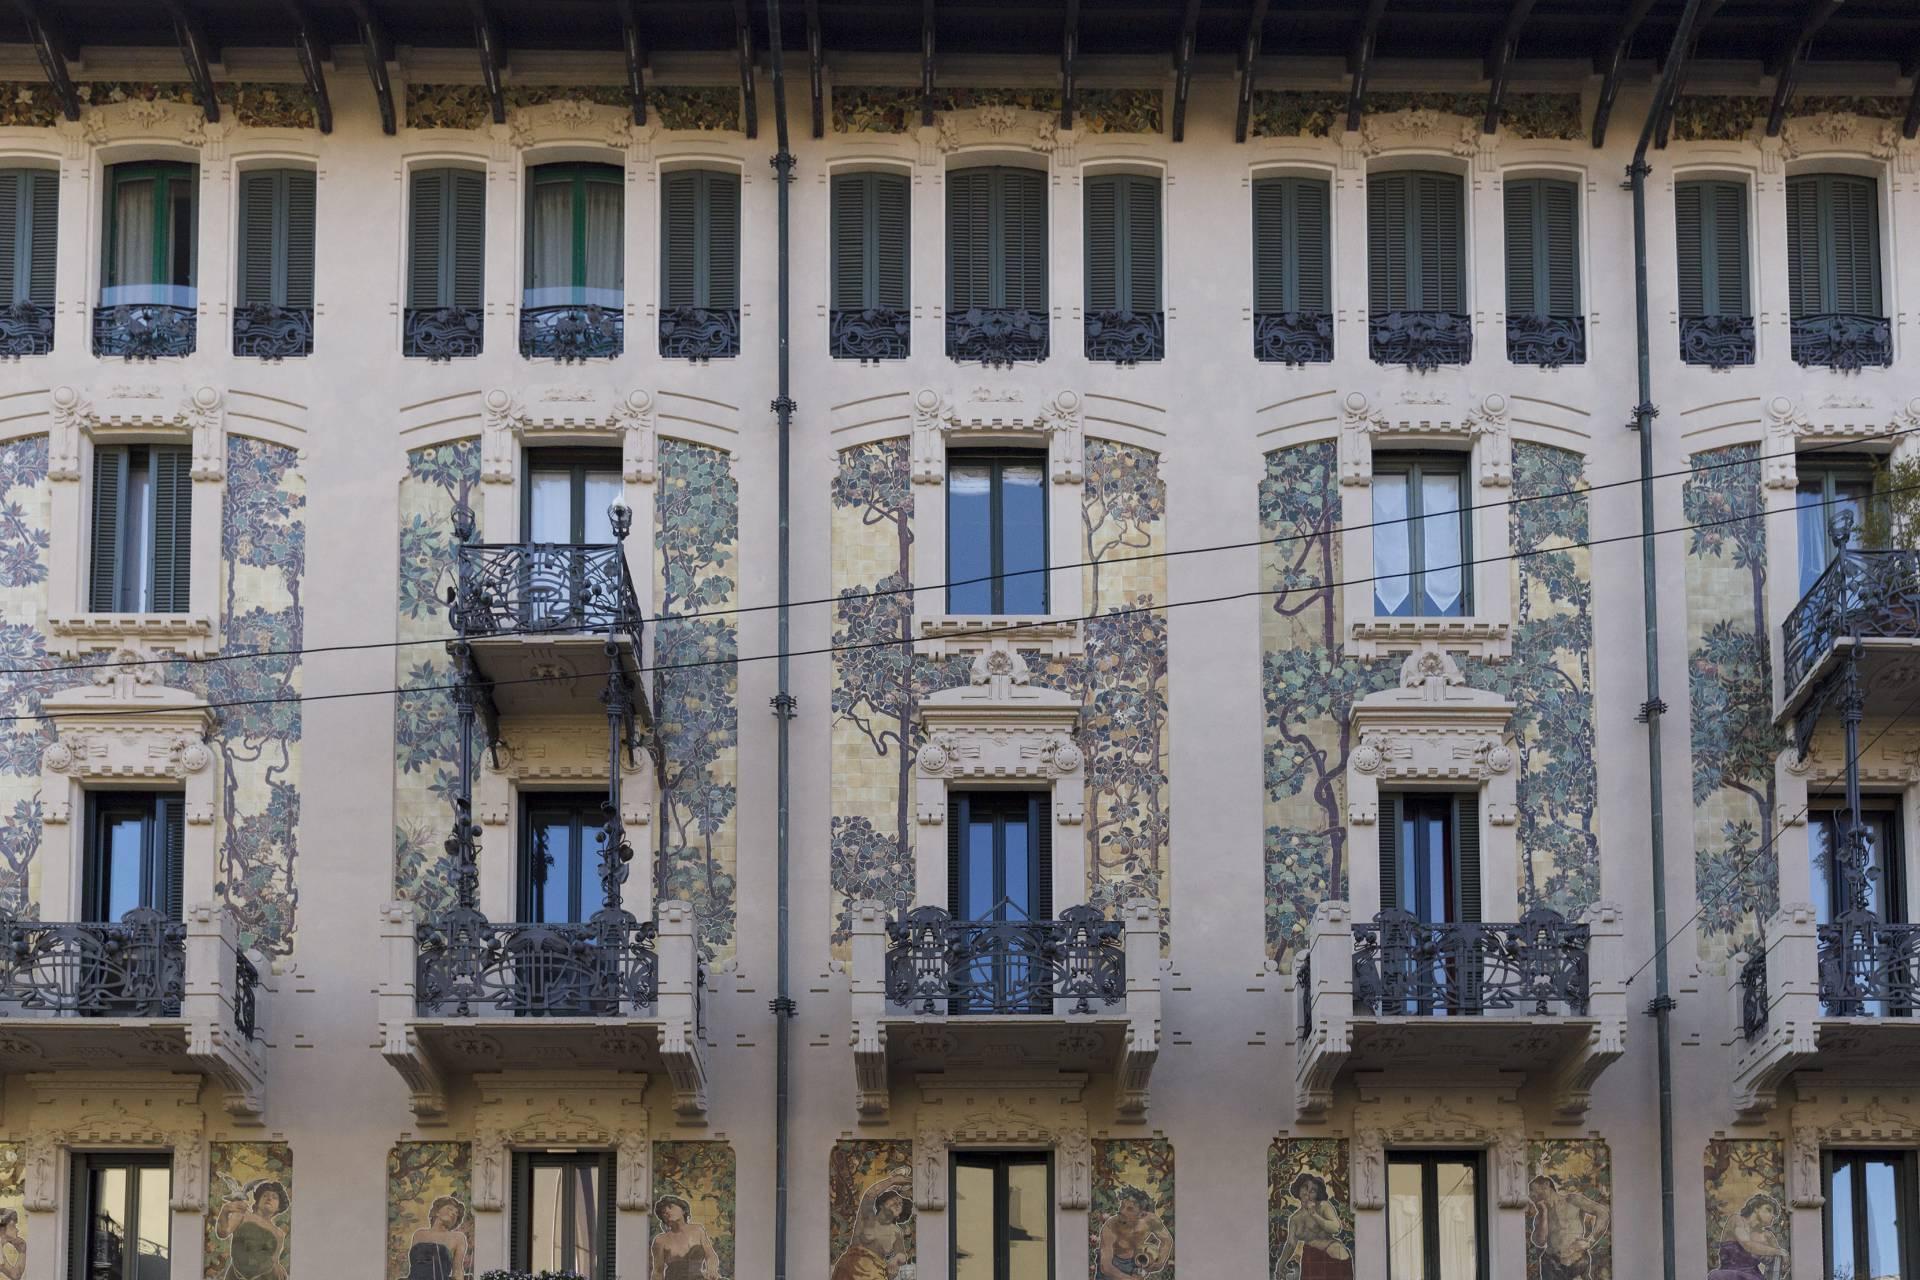 Attico in Vendita a Milano: 4 locali, 165 mq